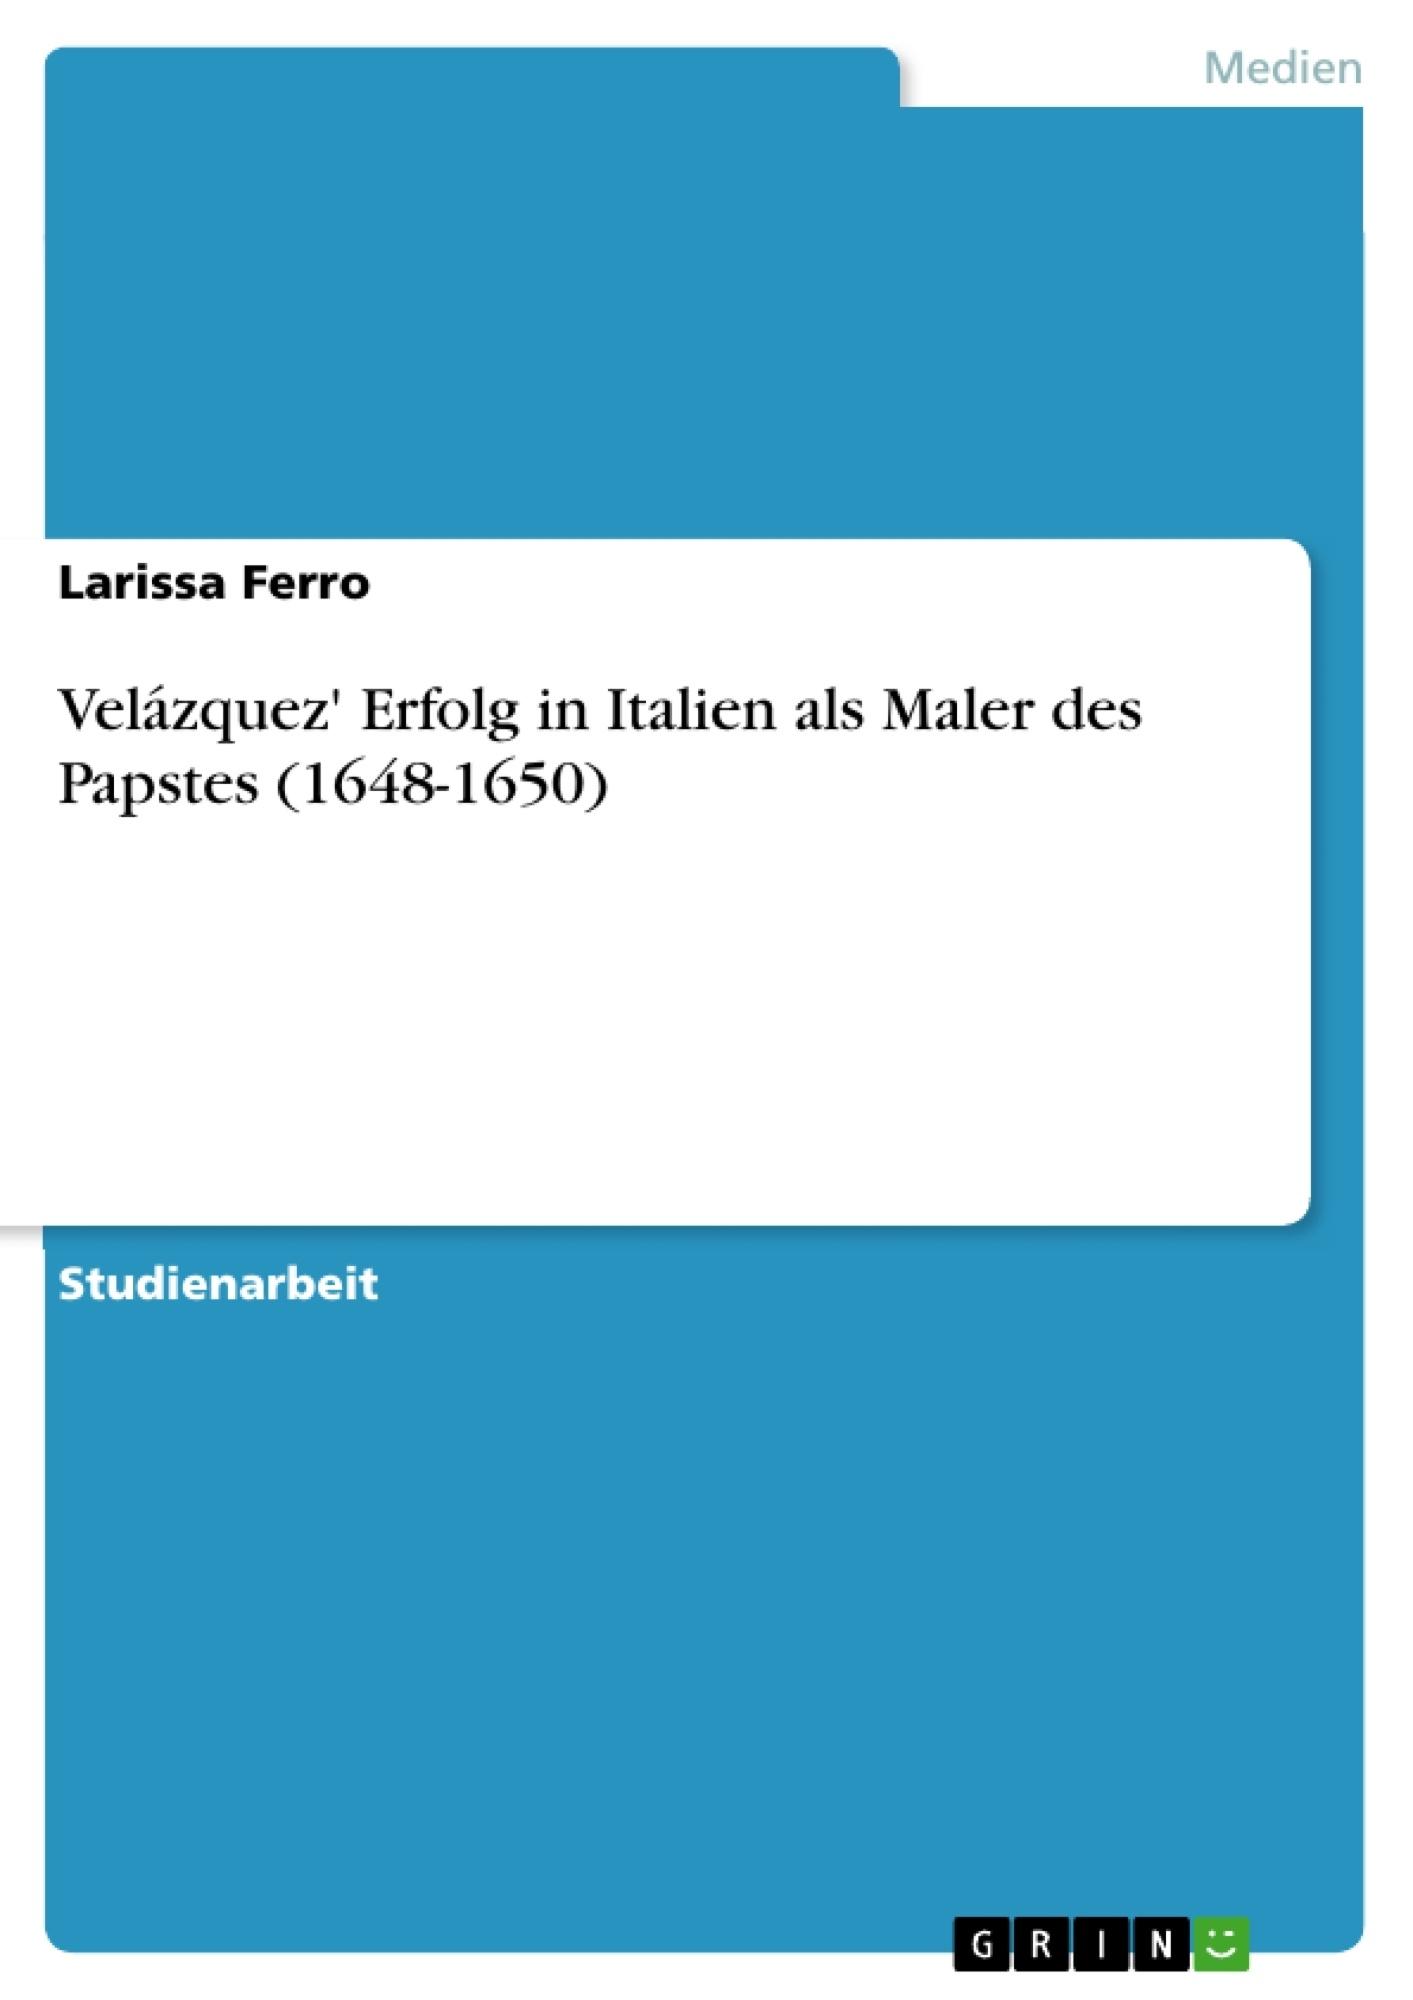 Titel: Velázquez' Erfolg in Italien als Maler des Papstes (1648-1650)